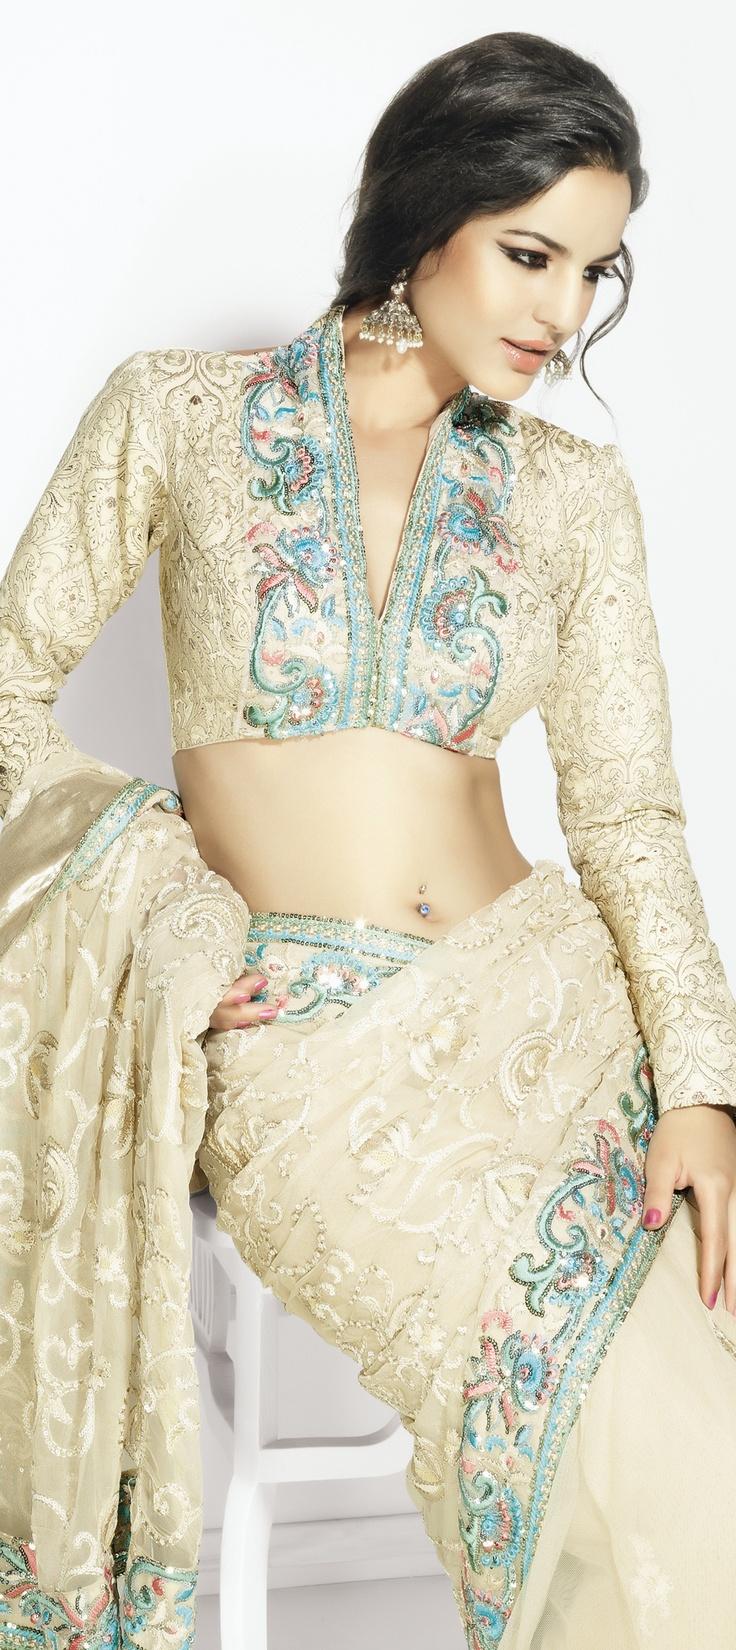 Gorgeous White and Off White Saree